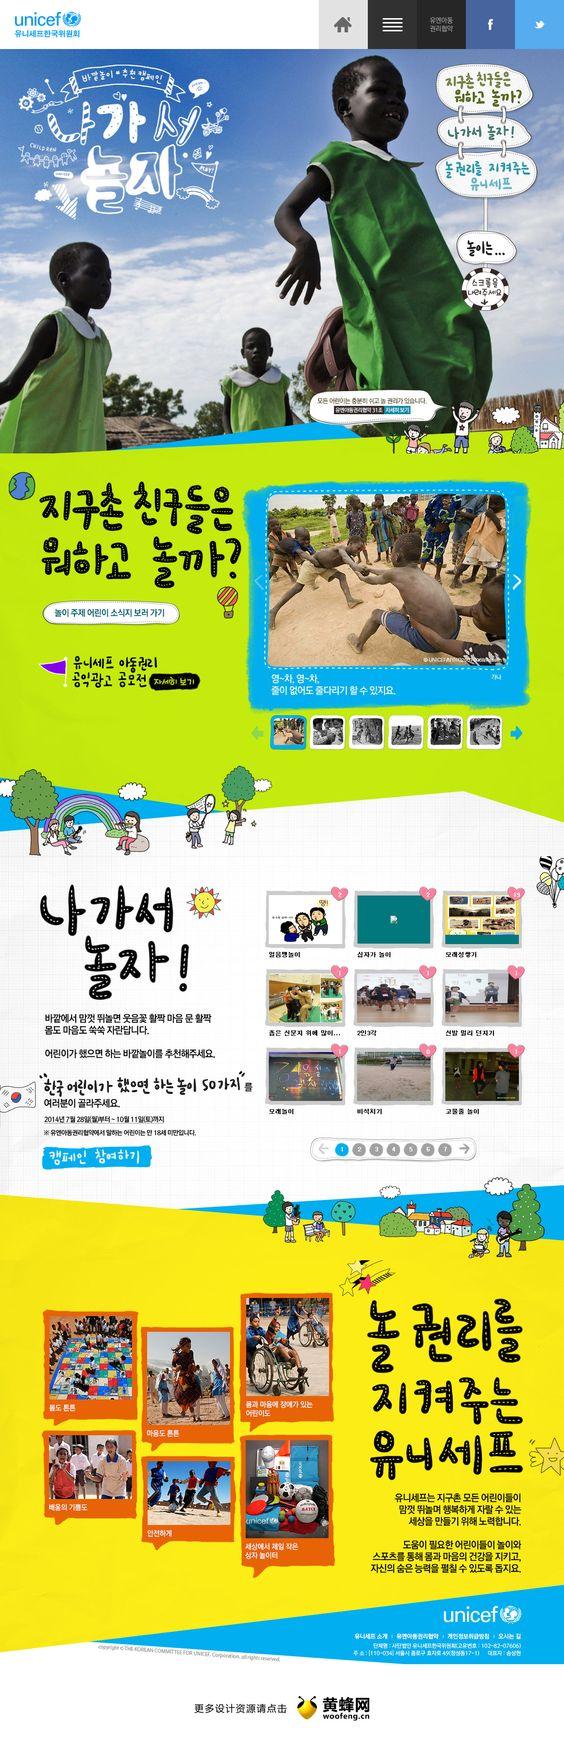 韓國兒童基金會委員會公益網站,來源自黃蜂網http://woofeng.cn/